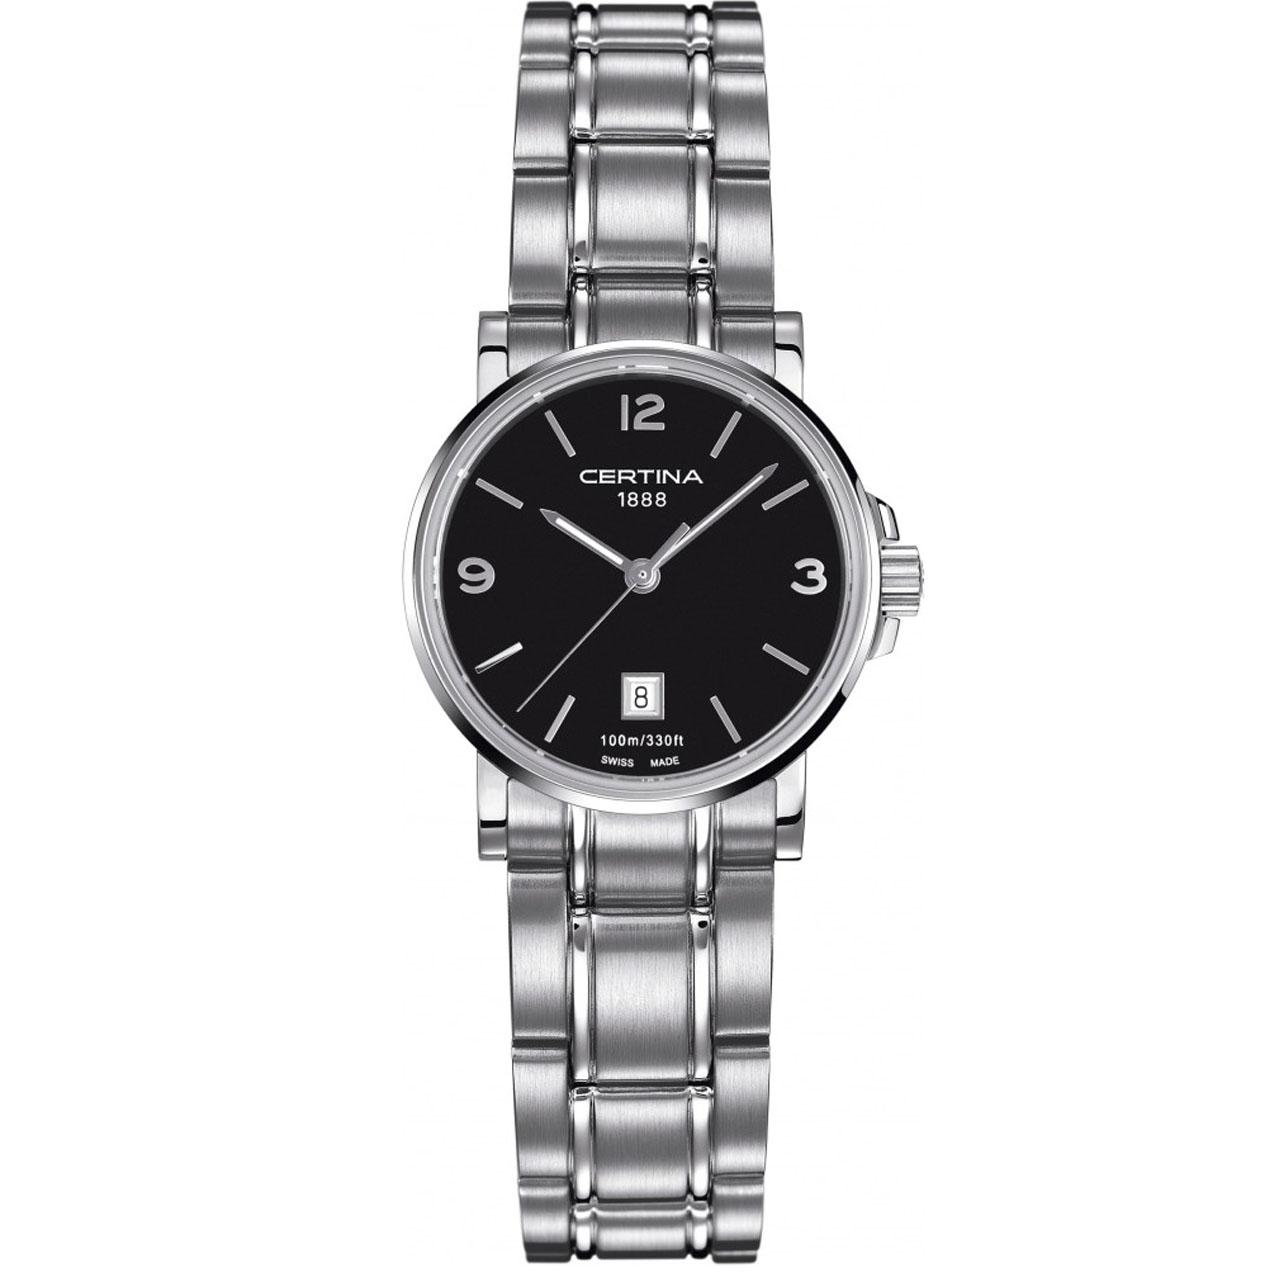 ساعت مچی عقربه ای زنانه سرتینا مدل C0172101105700              خرید (⭐️⭐️⭐️)